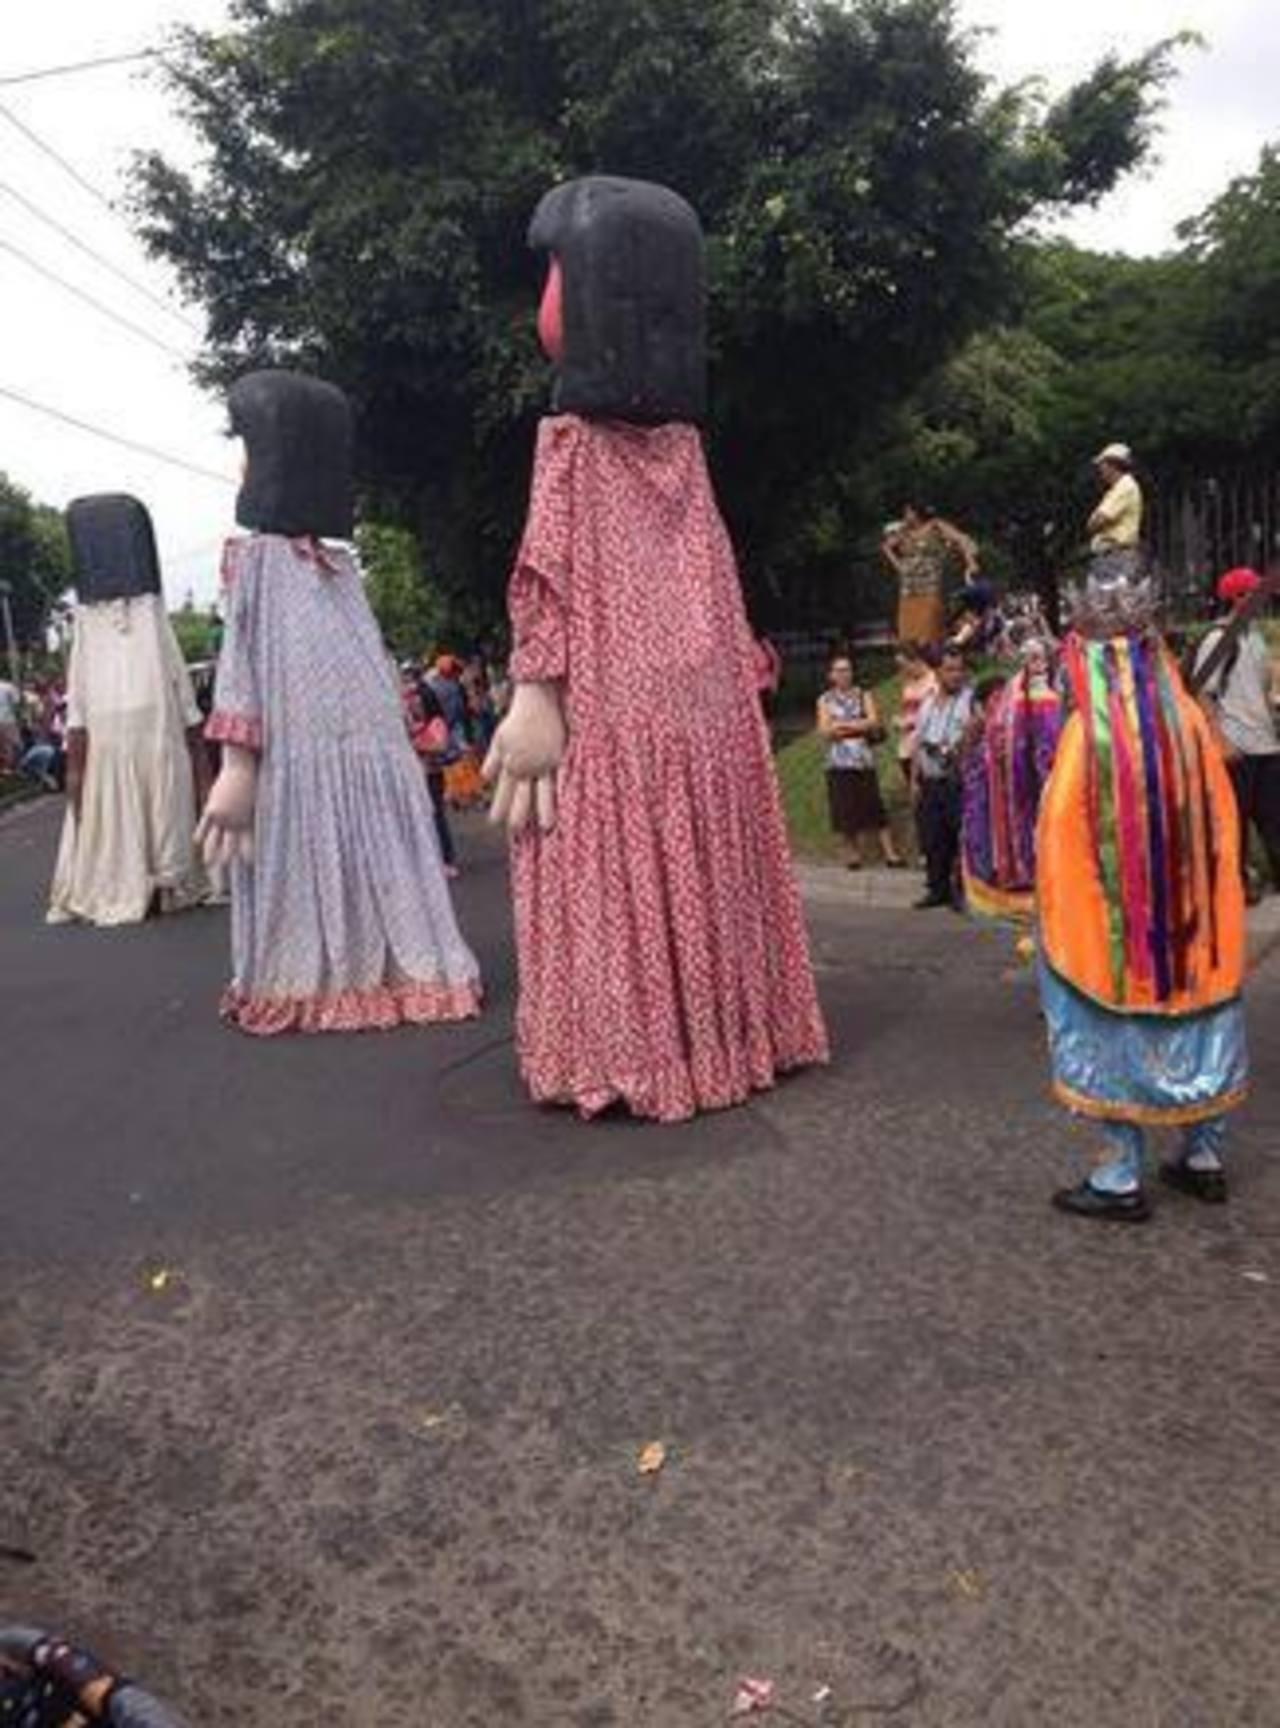 Las gigantas de Jocoro alegraron el desfile del Correo. FOTO EDH cortesía Saúl Doradea.